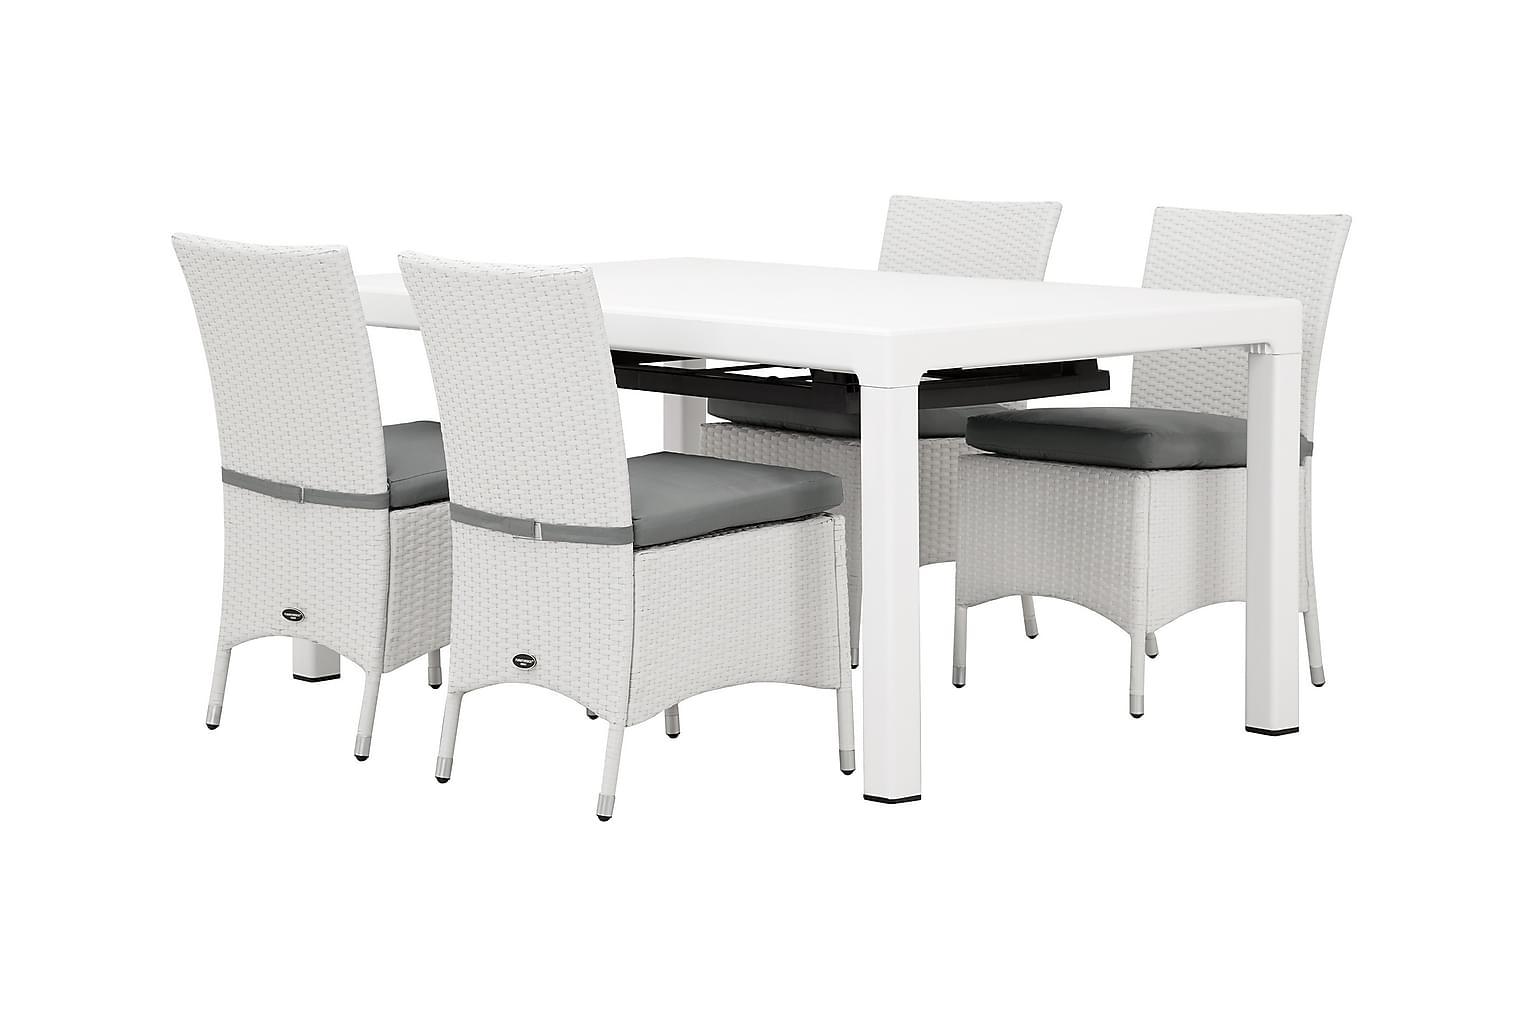 CAYMAN Pöytä 162 Valkoinen + 4 ARUBA Tuolia Valkoinen/Harmaa